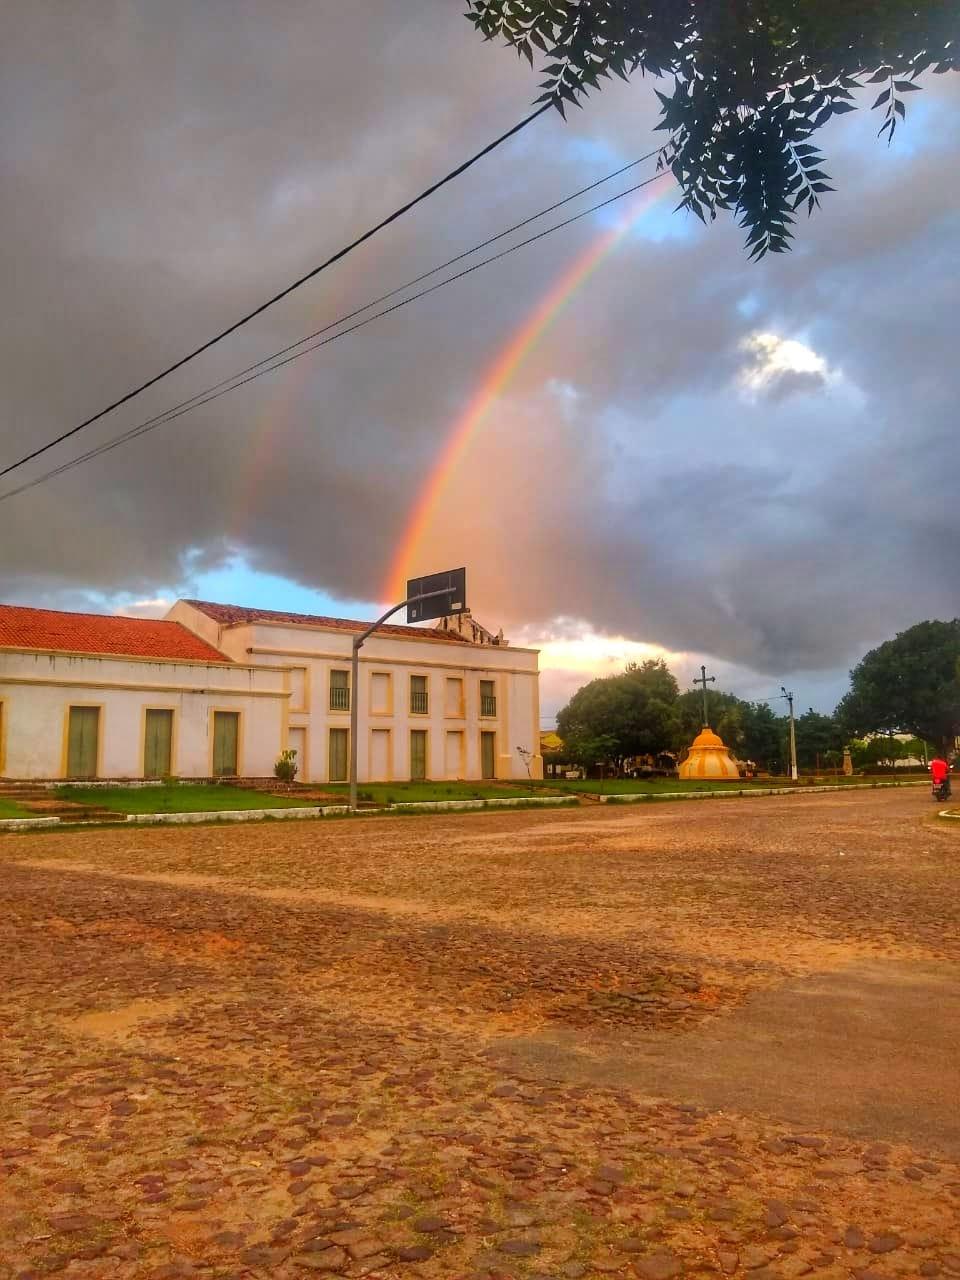 Áreas mais ao norte do estado têm mais condições de chuva (FOTO: Davi Freitas)